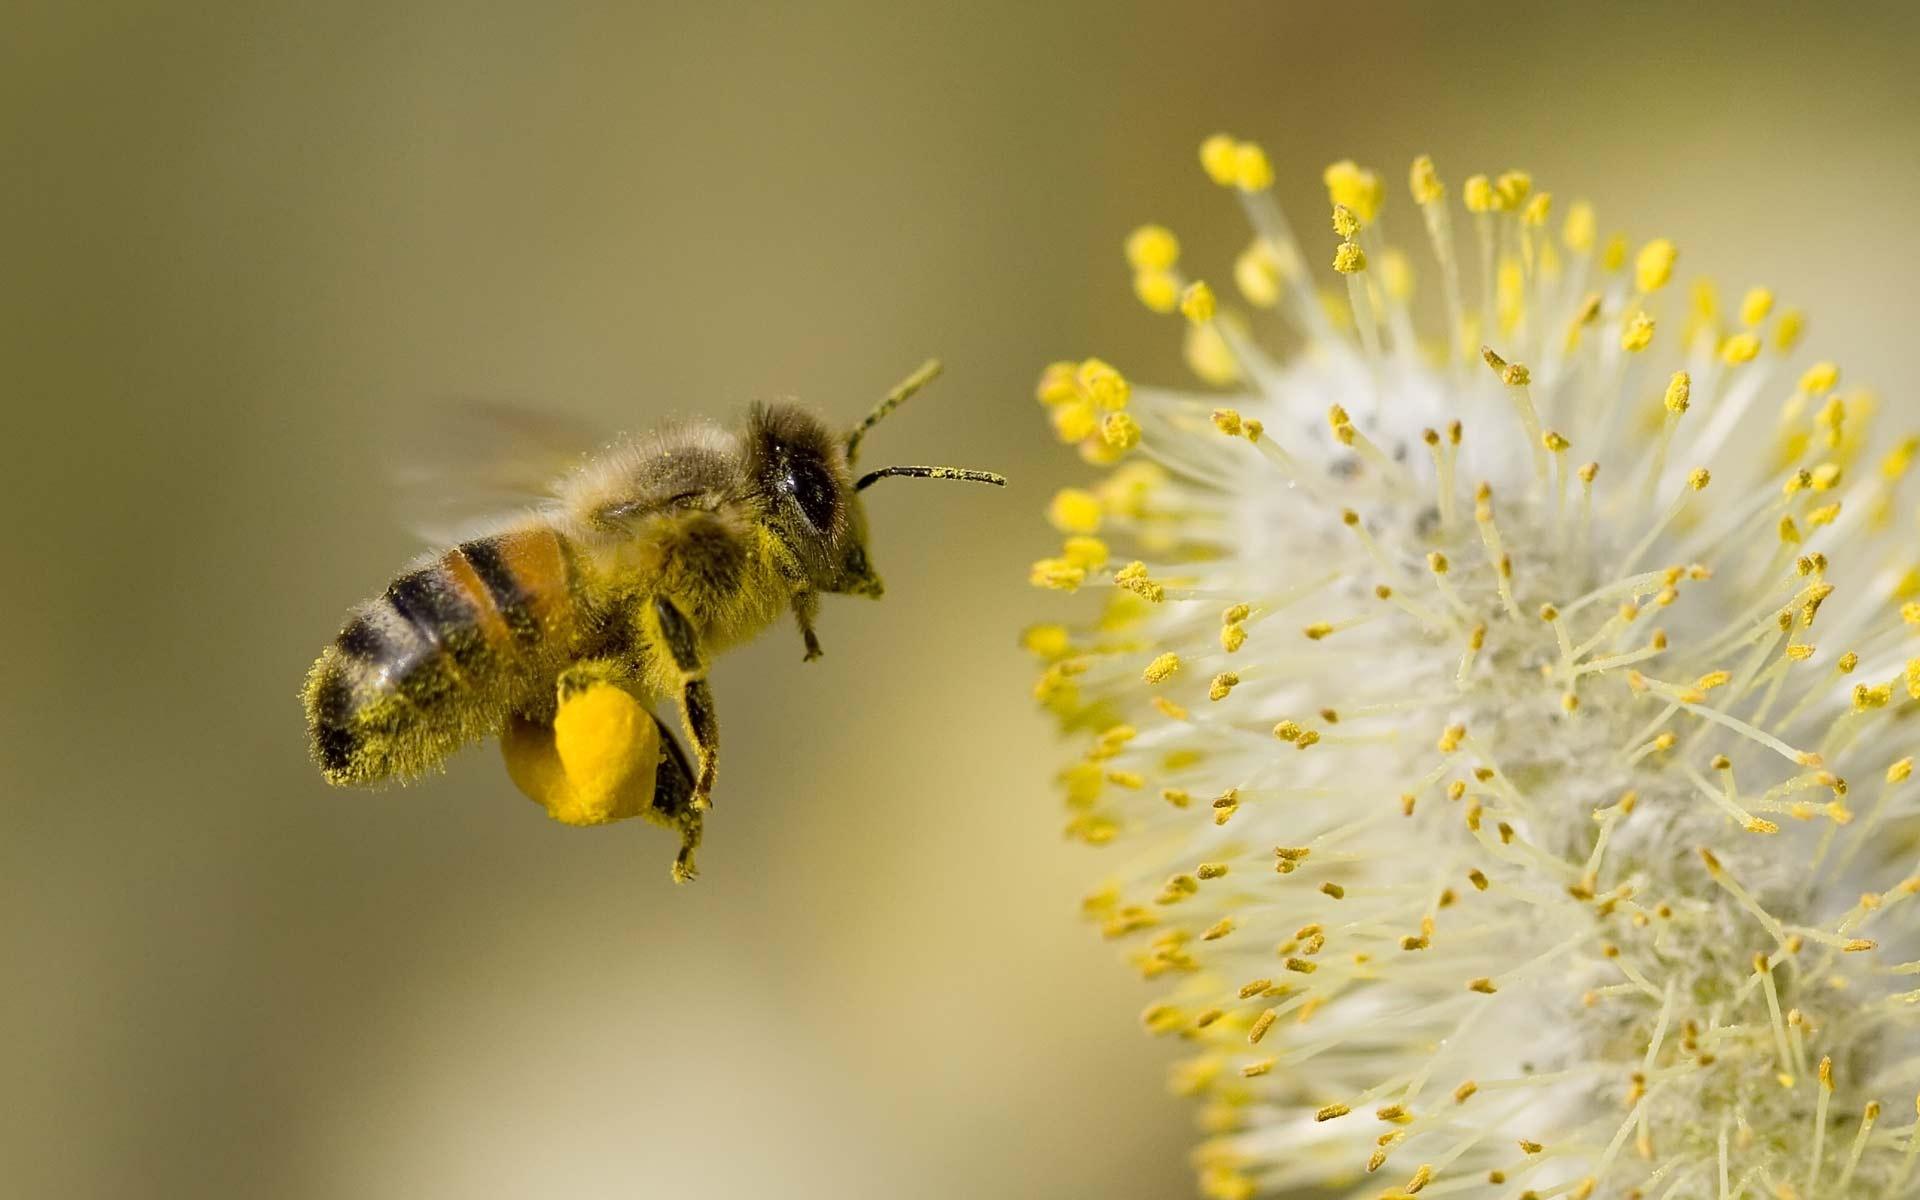 honey bee amazing hd wallpaper